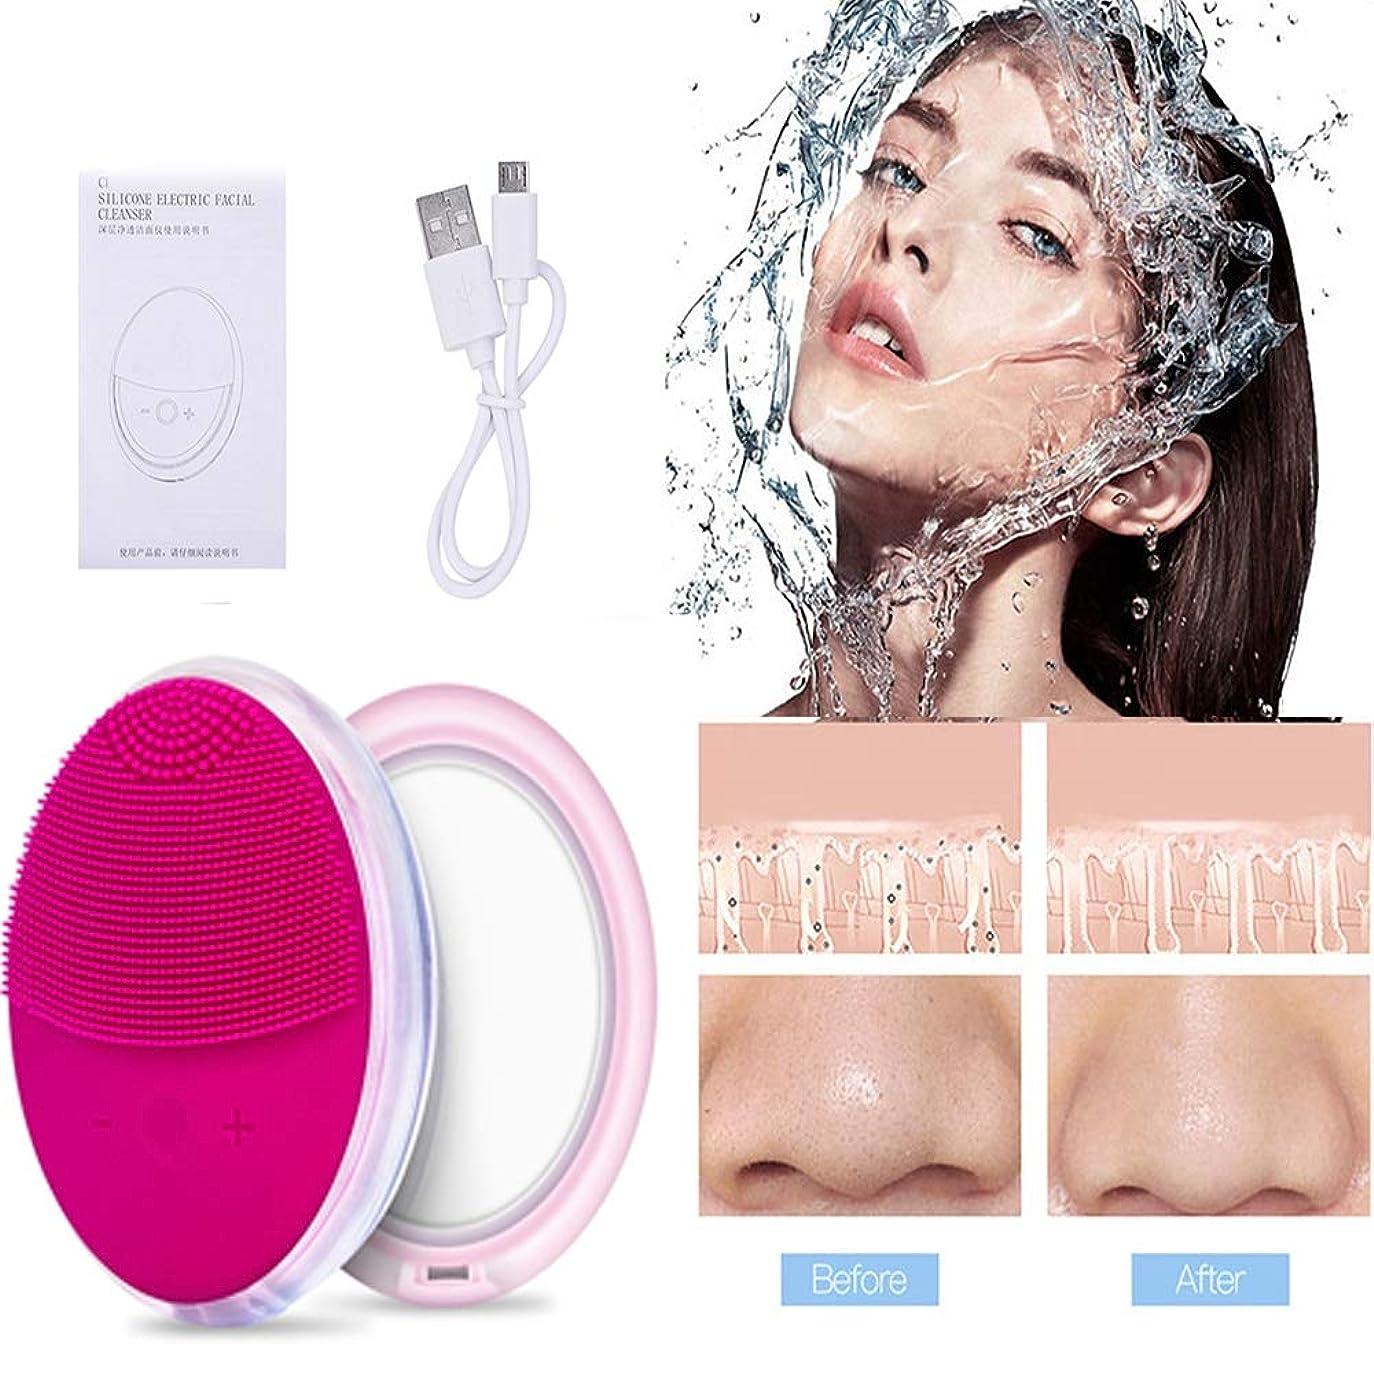 電動洗顔ブラシ ボディブラシ ミラーおよび7色ライト付きの創造的な設計 洗顔ブラシ毛穴ケア フェイスブラシ 洗顔器 IPX7防水 レベル シリコン製 USB充電式 多機能洗顔器 携帯便利